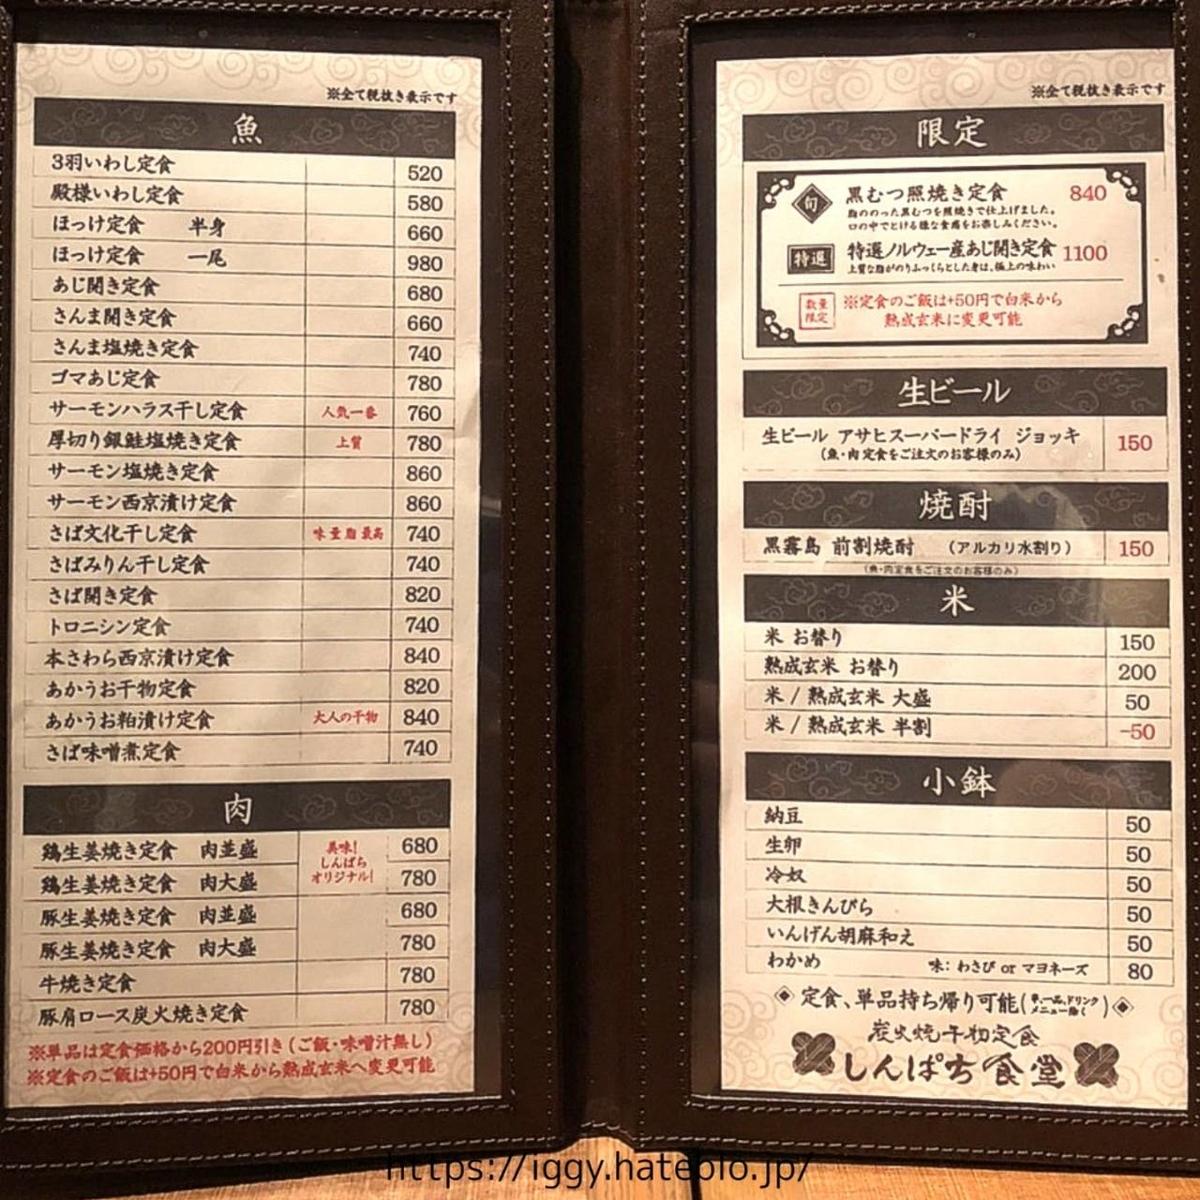 炭火焼干物定食「しんぱち食堂」天神パルコ メニュー LIFE